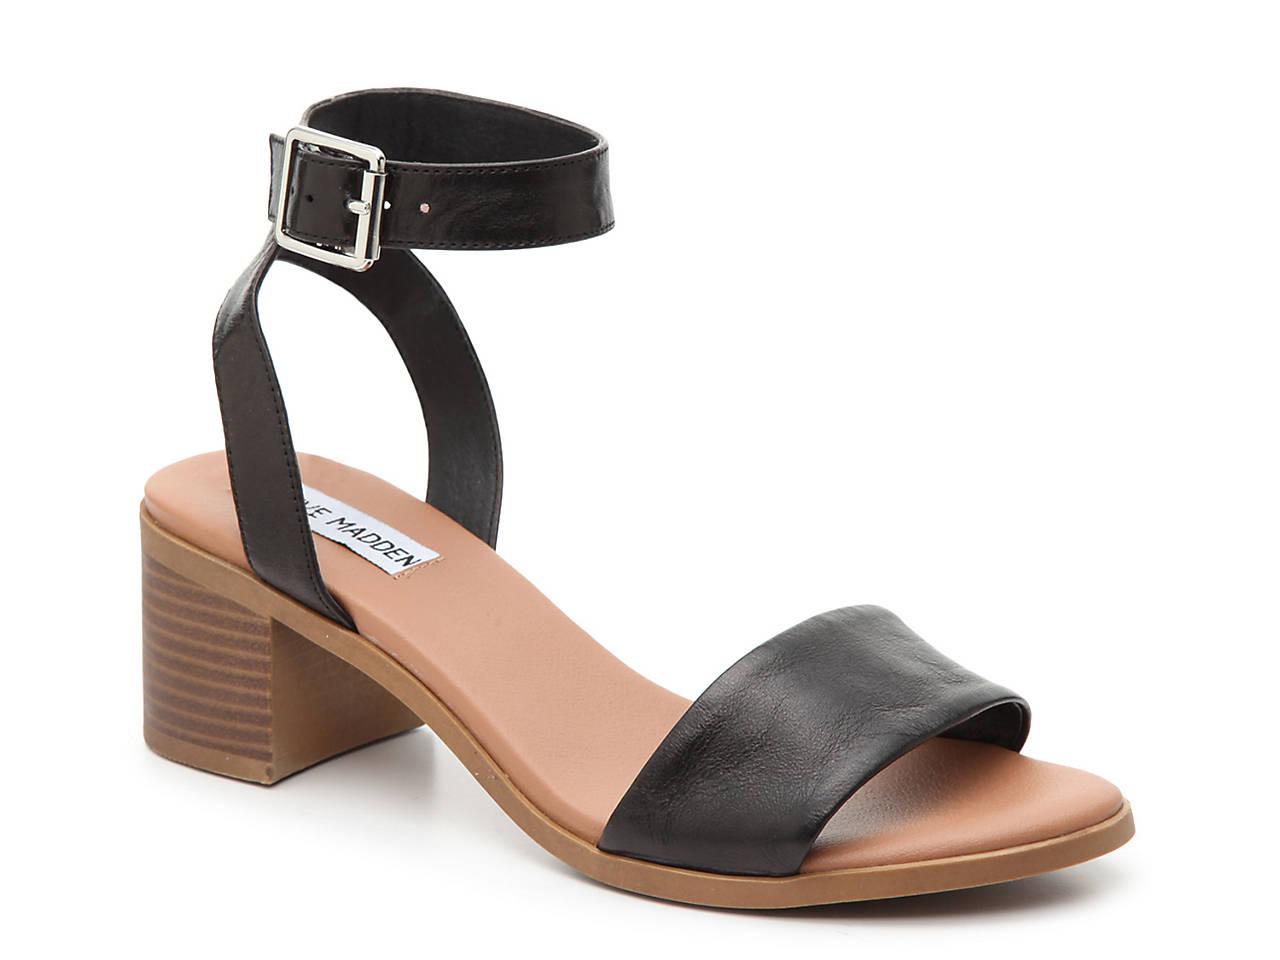 Steve Madden Women's Castro Sandal v82LOwg8x